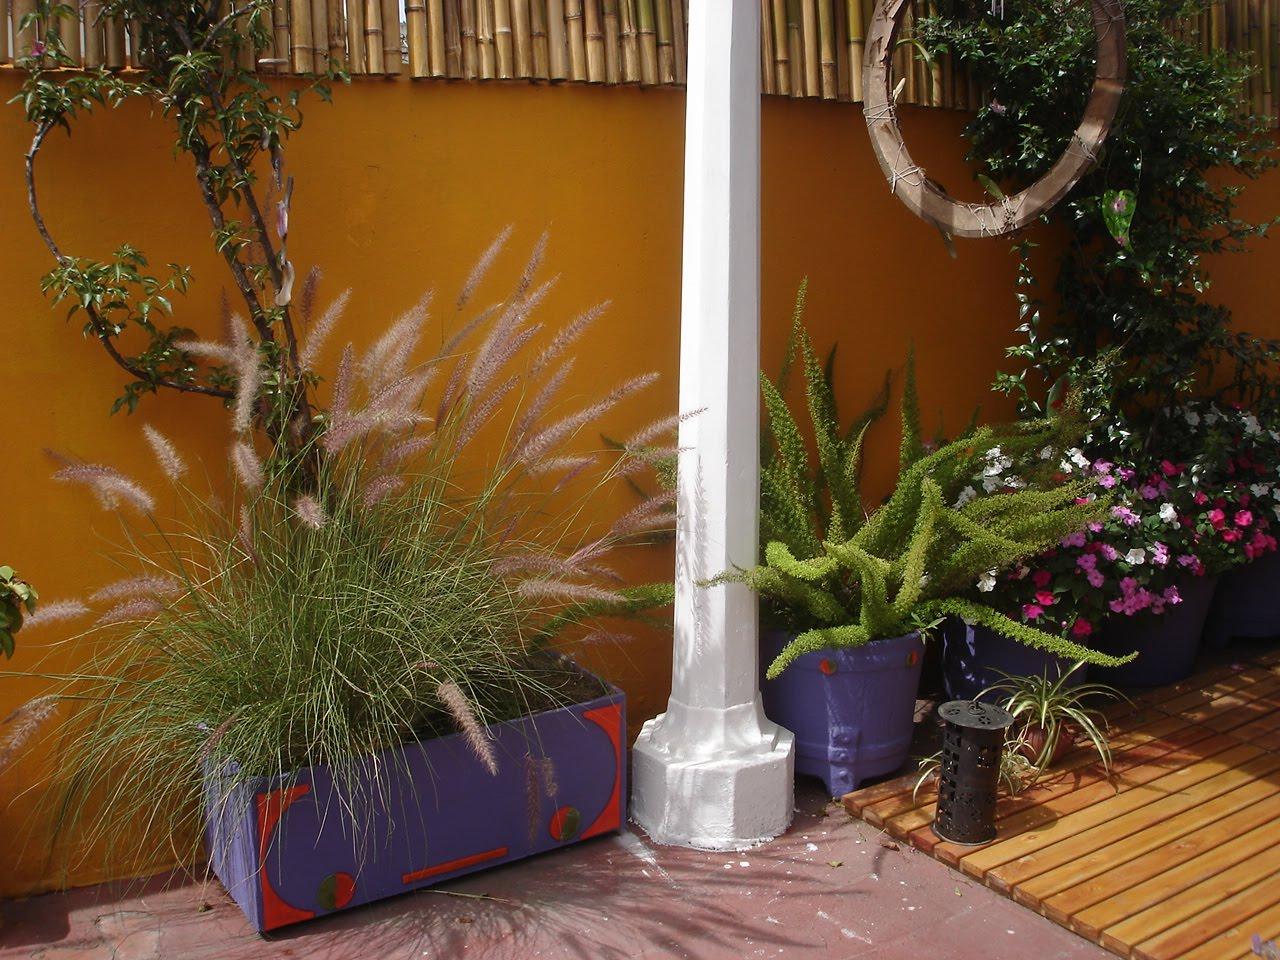 Lineas y curvas decoraciones de terrazas y jardines for Decoracion terrazas y jardines